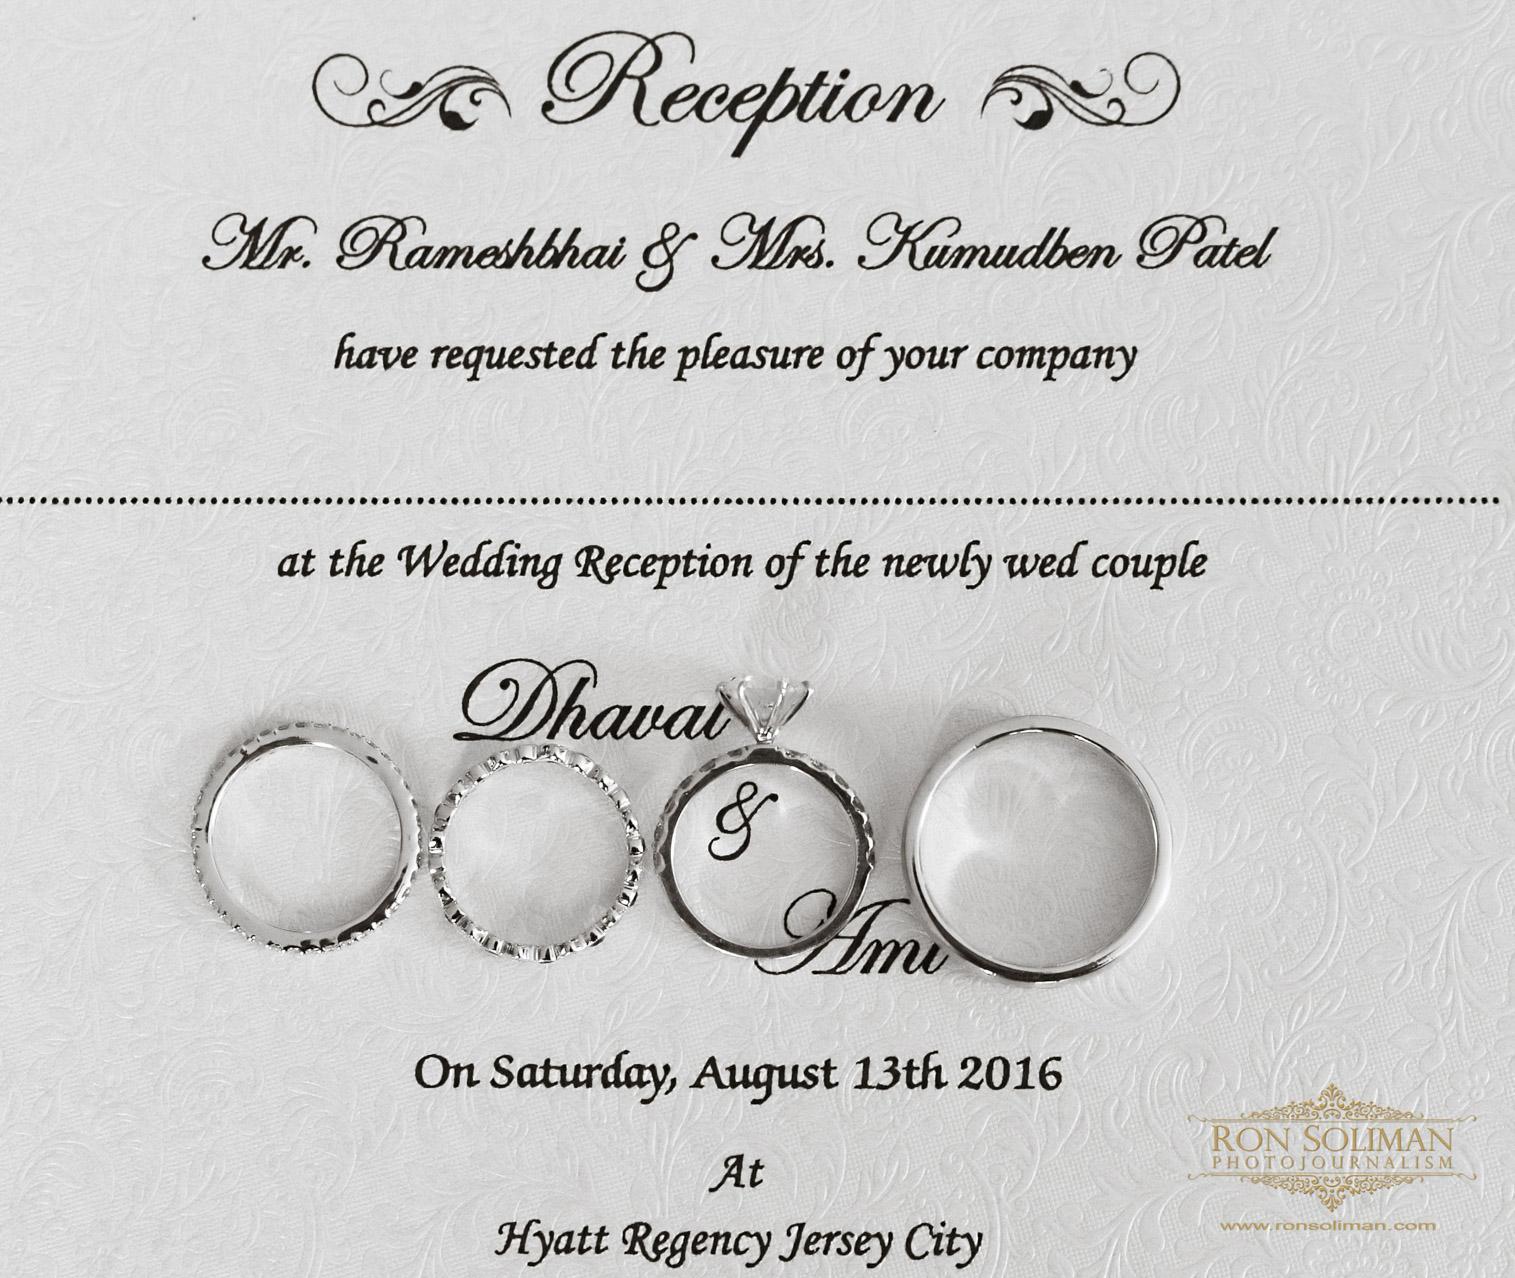 Hyatt Regency Jersey City Wedding